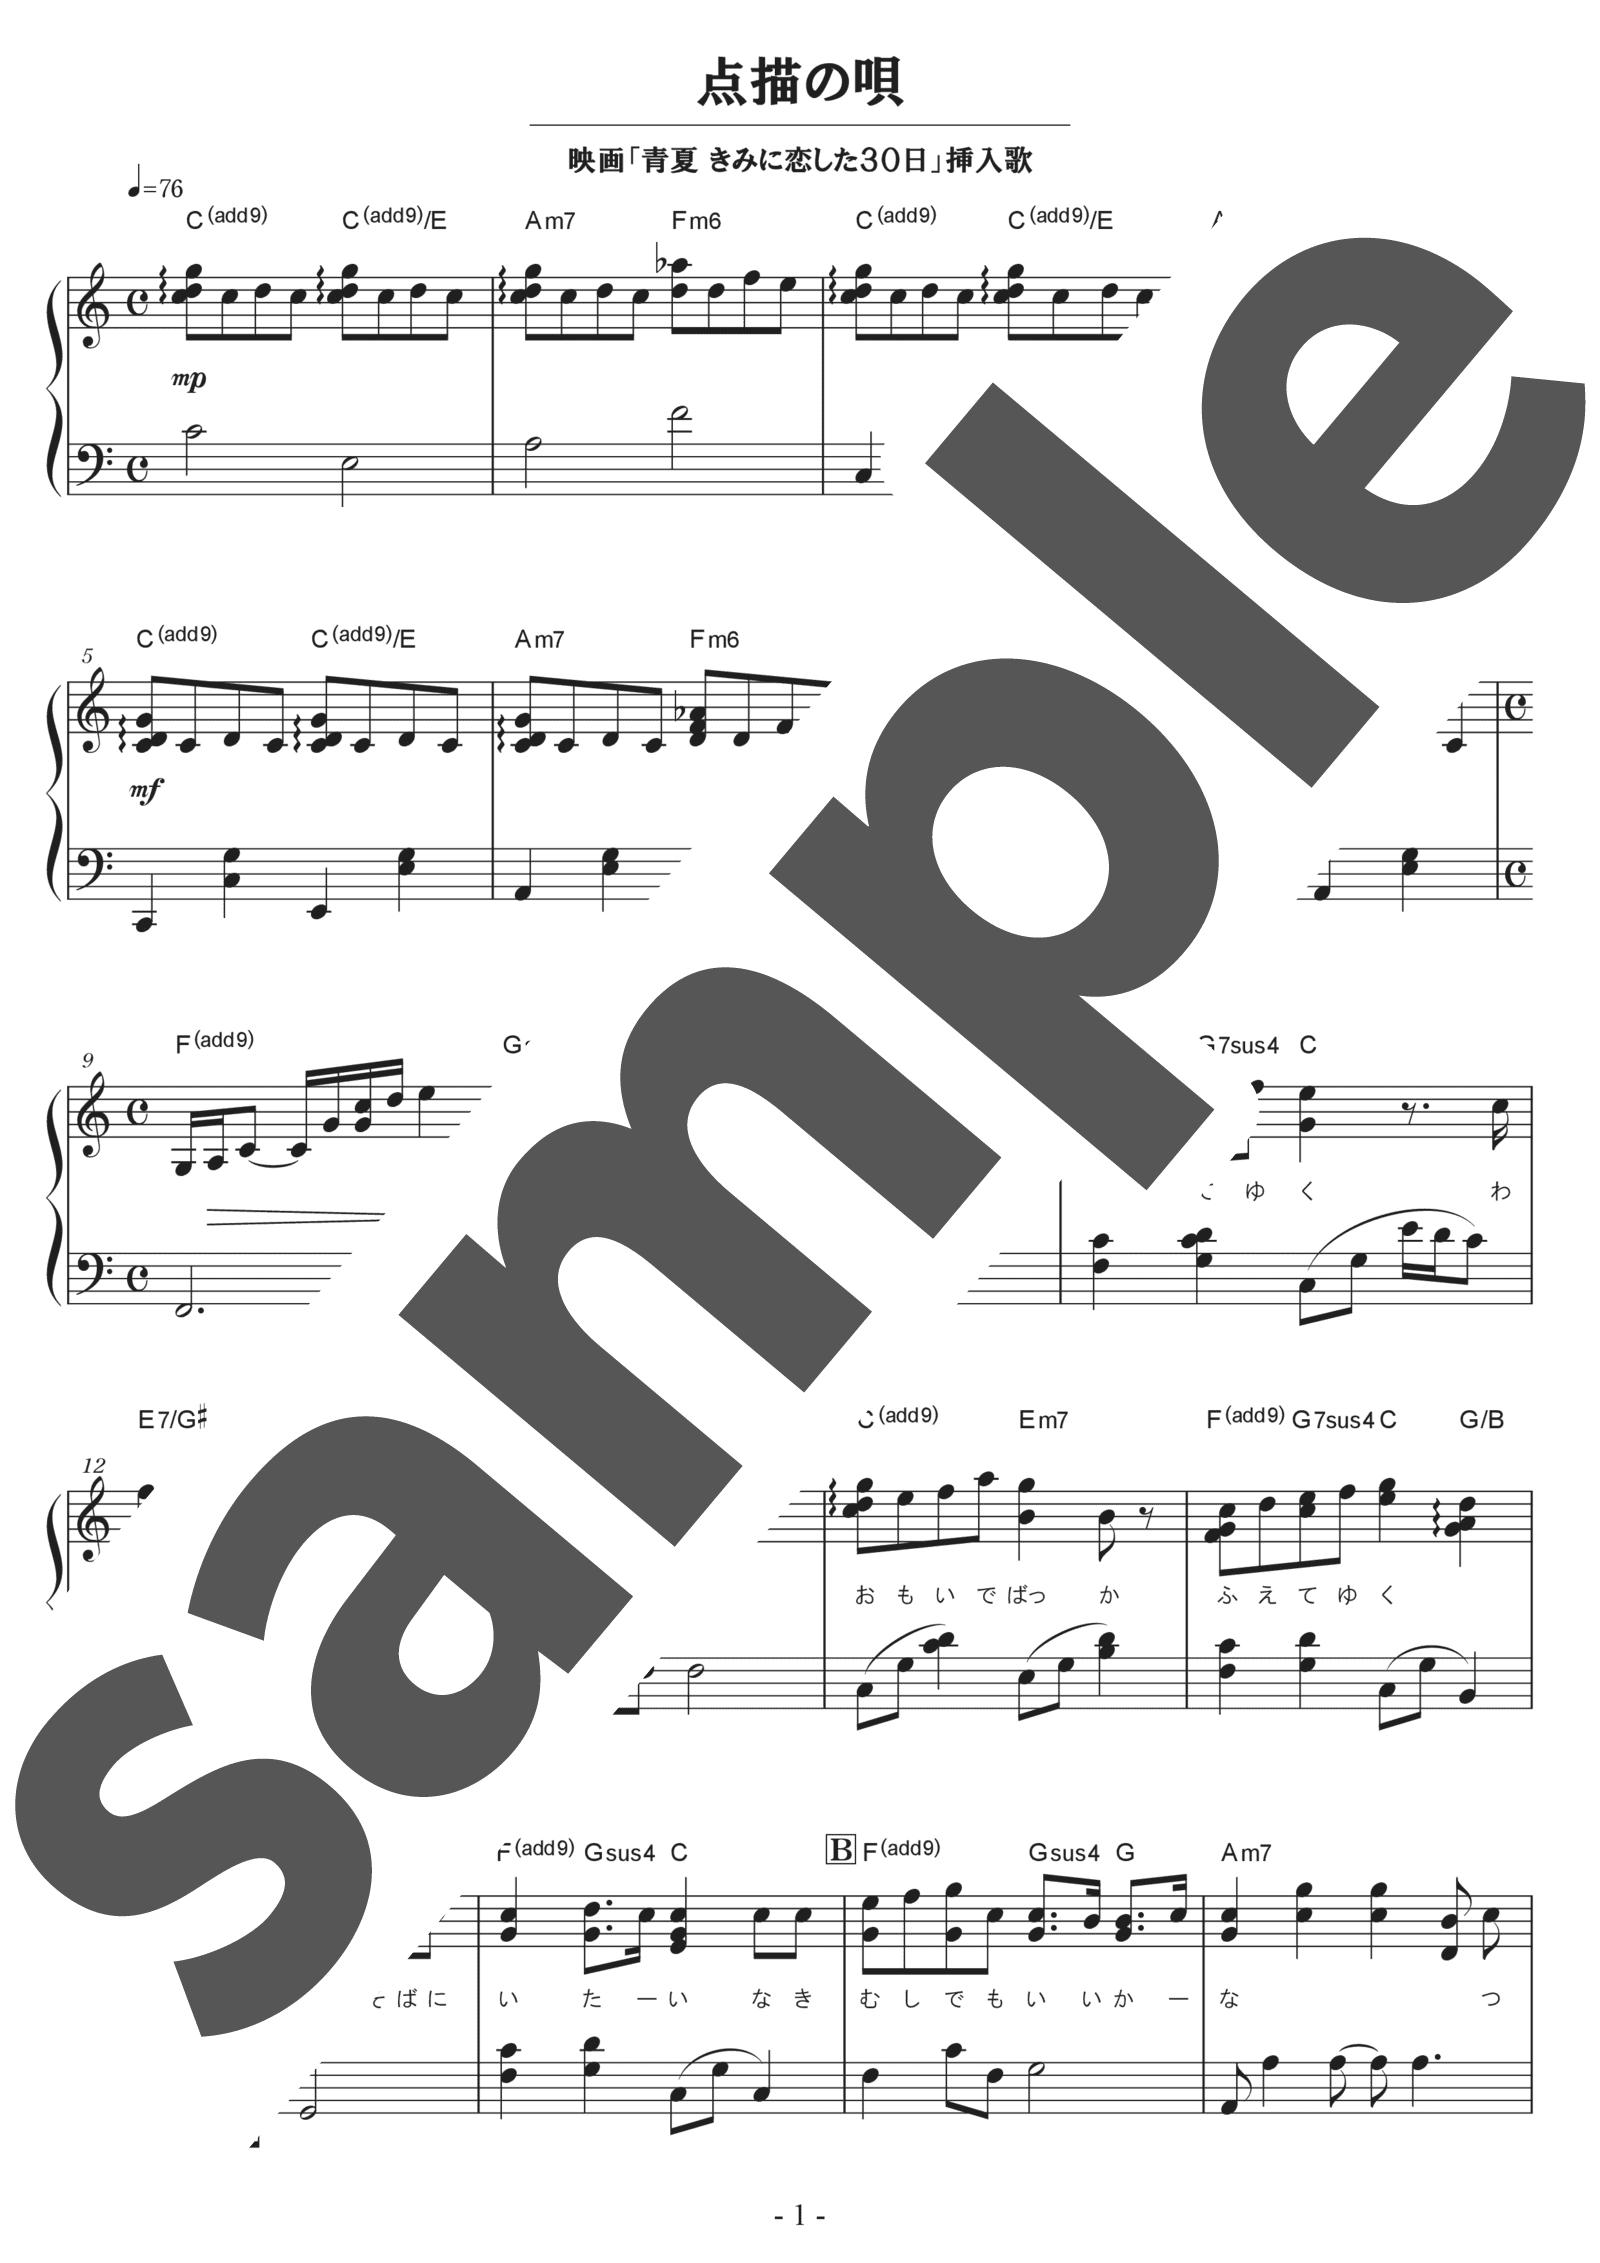 「点描の唄」のサンプル楽譜